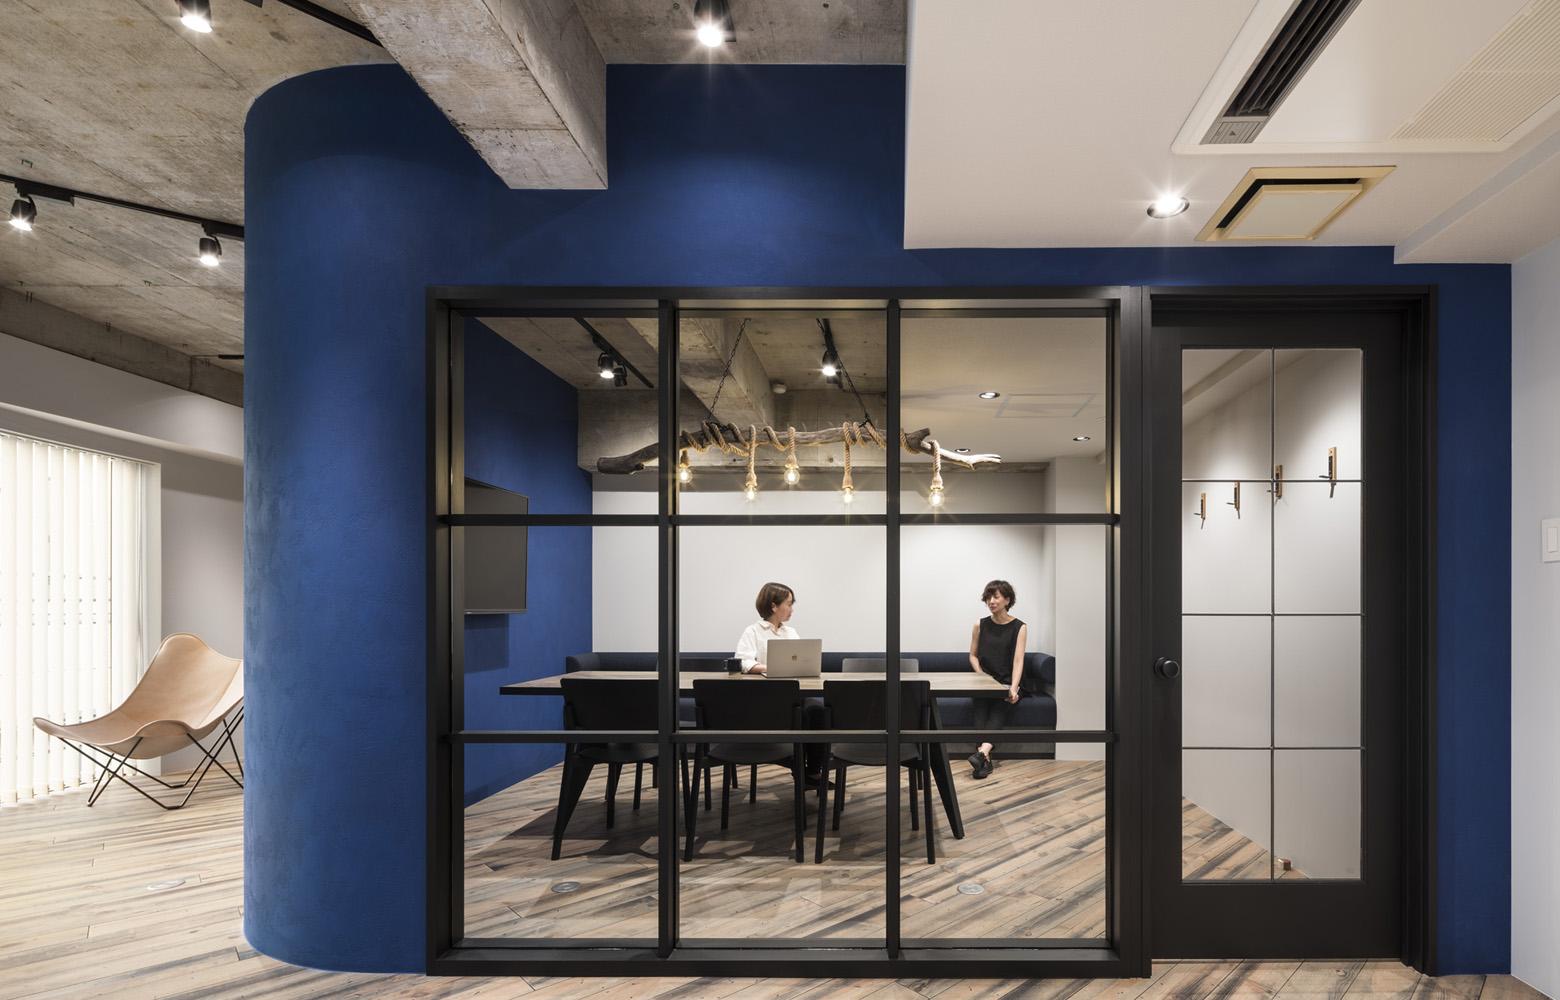 株式会社AdShipS Meeting Room デザイン・レイアウト事例